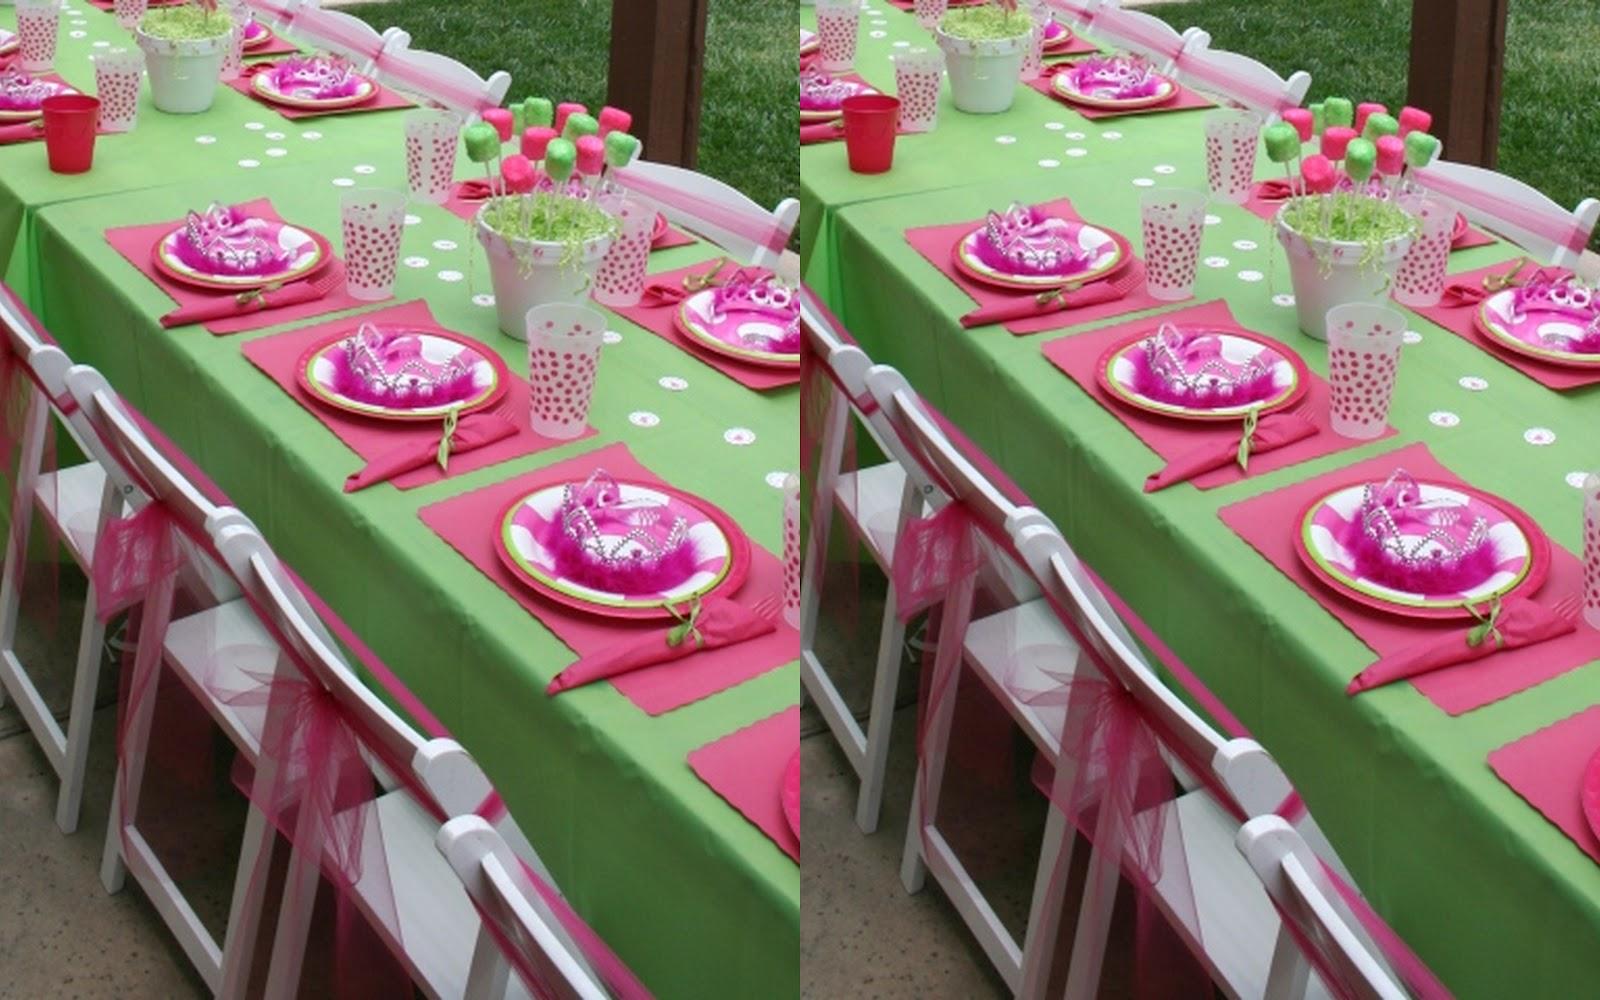 Fiestas con encanto una mesa de cumplea os en fucsia y verde for Decoracion para pared fucsia